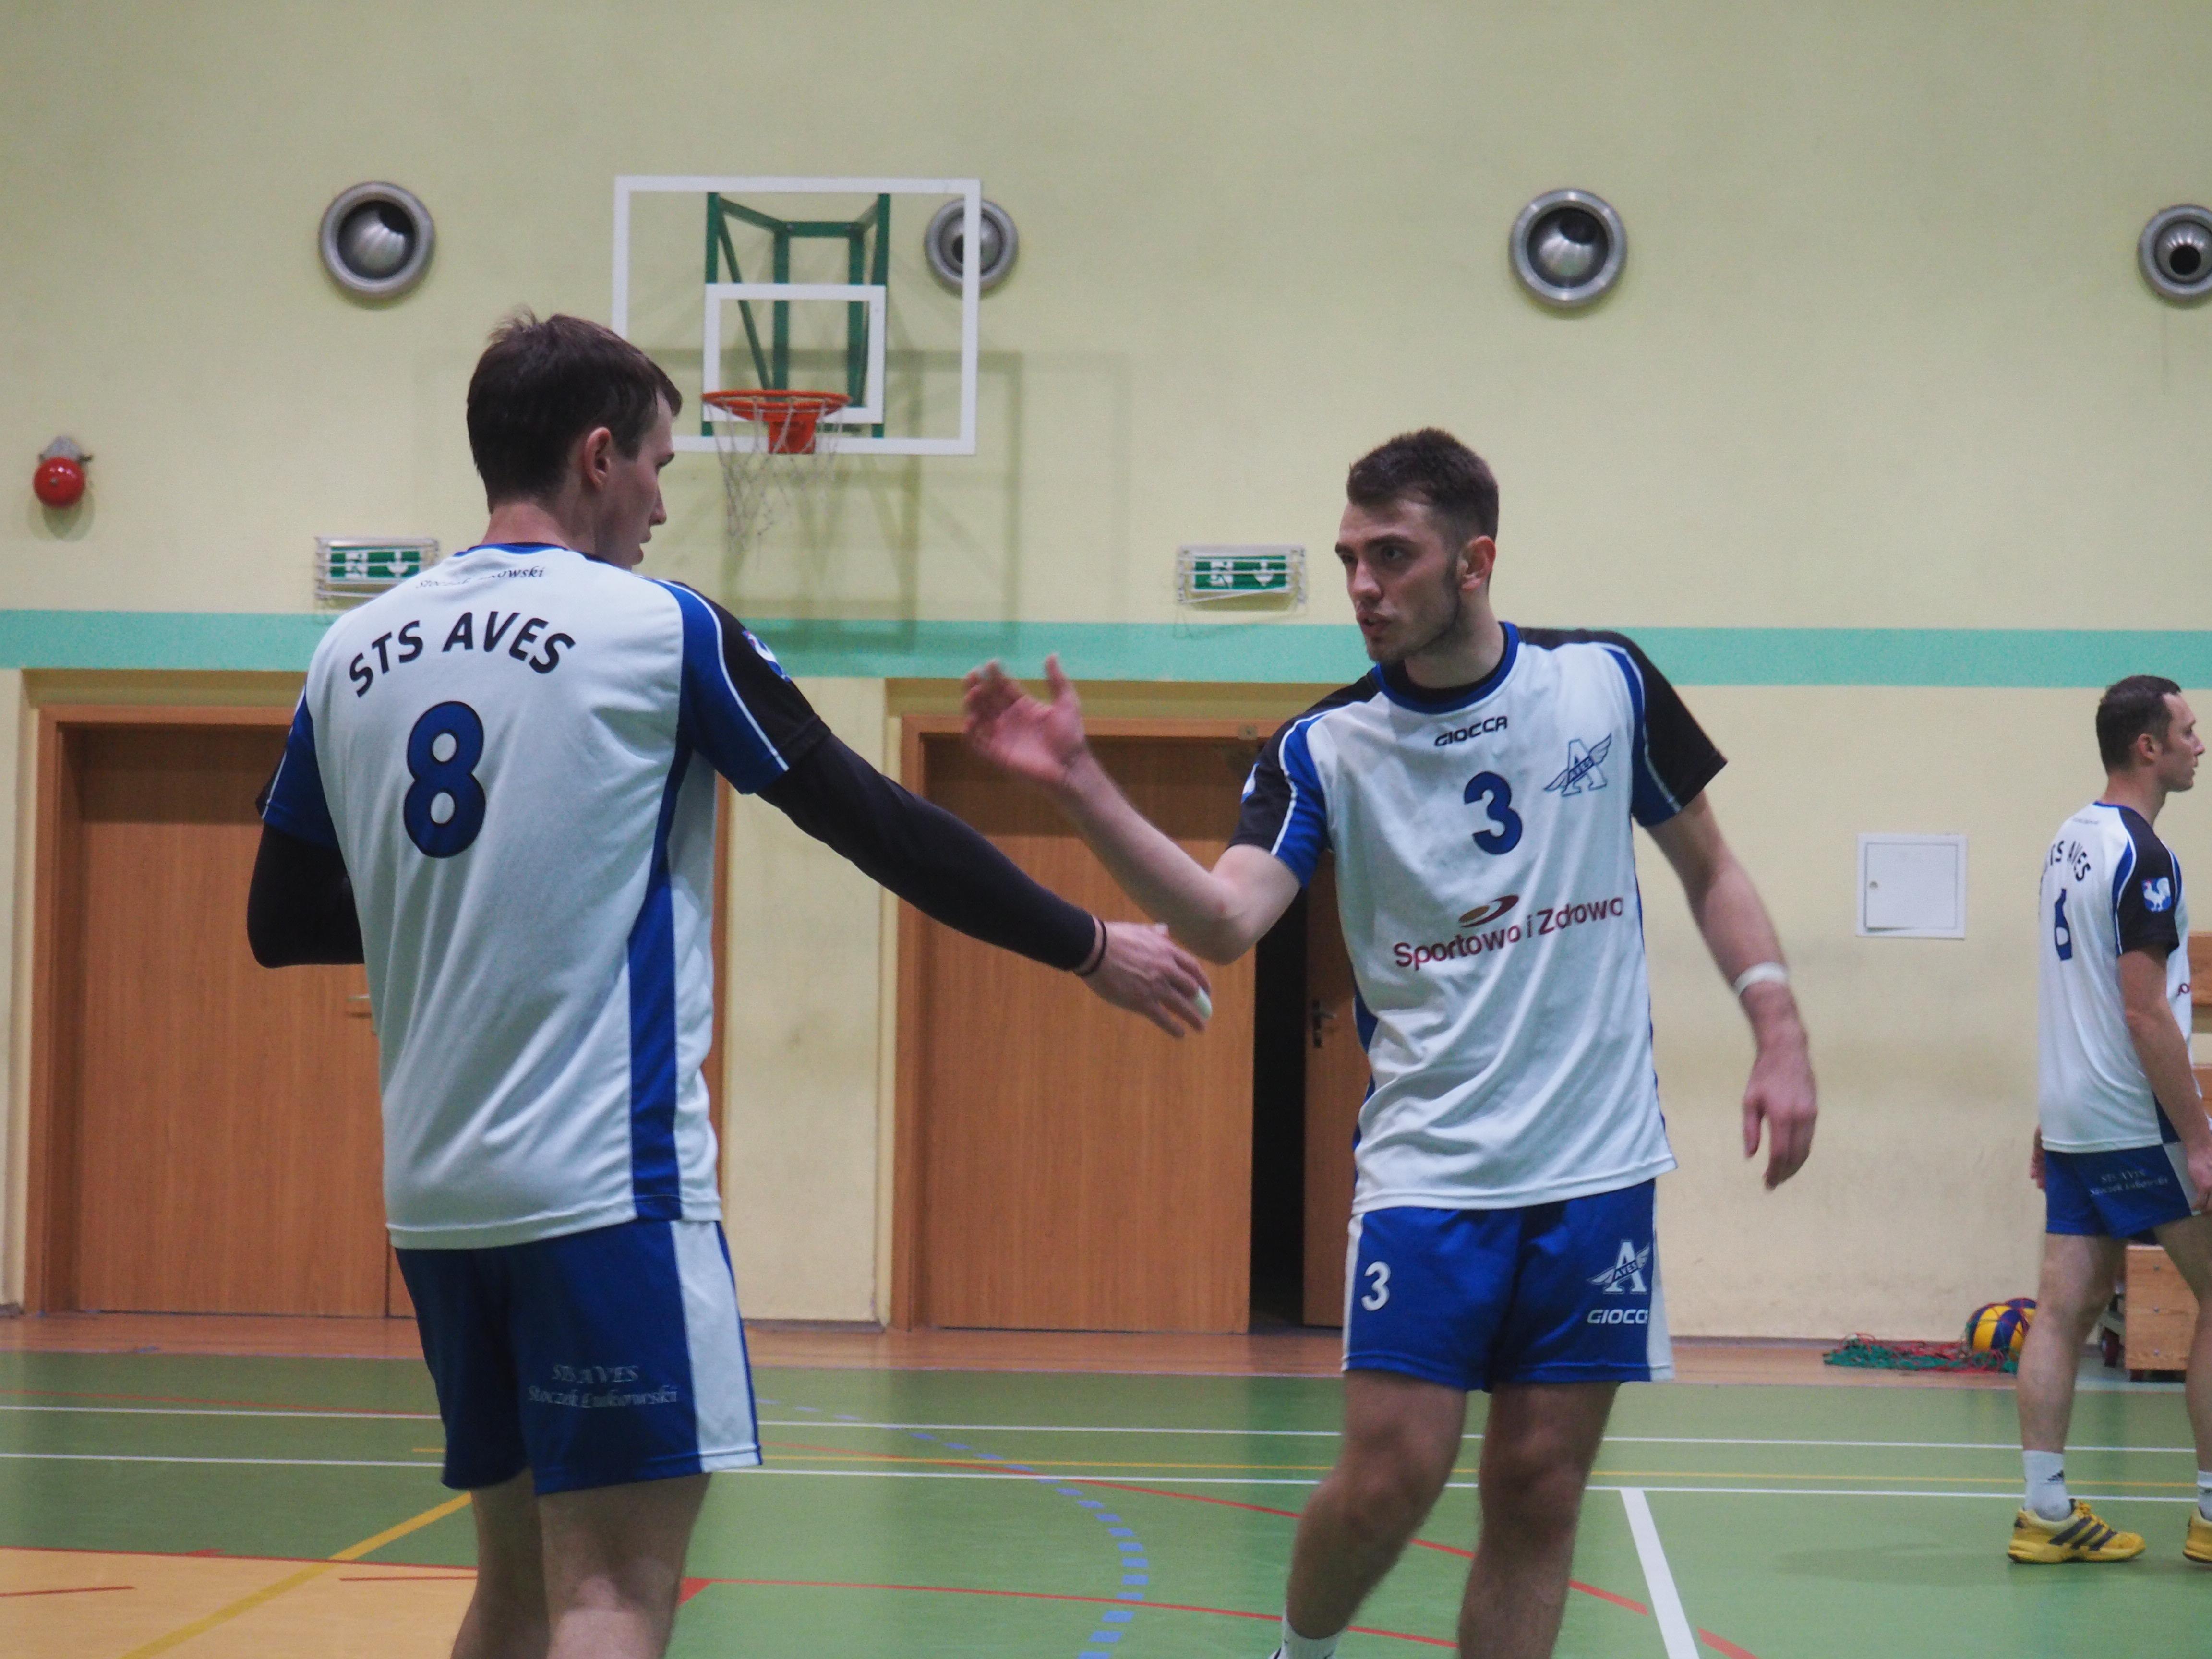 Mikołaj Sałasińskie (nr 8) i Igor Niebrzegowski (nr 3), po meczu nie mogli mieć dobrych nastrojów...